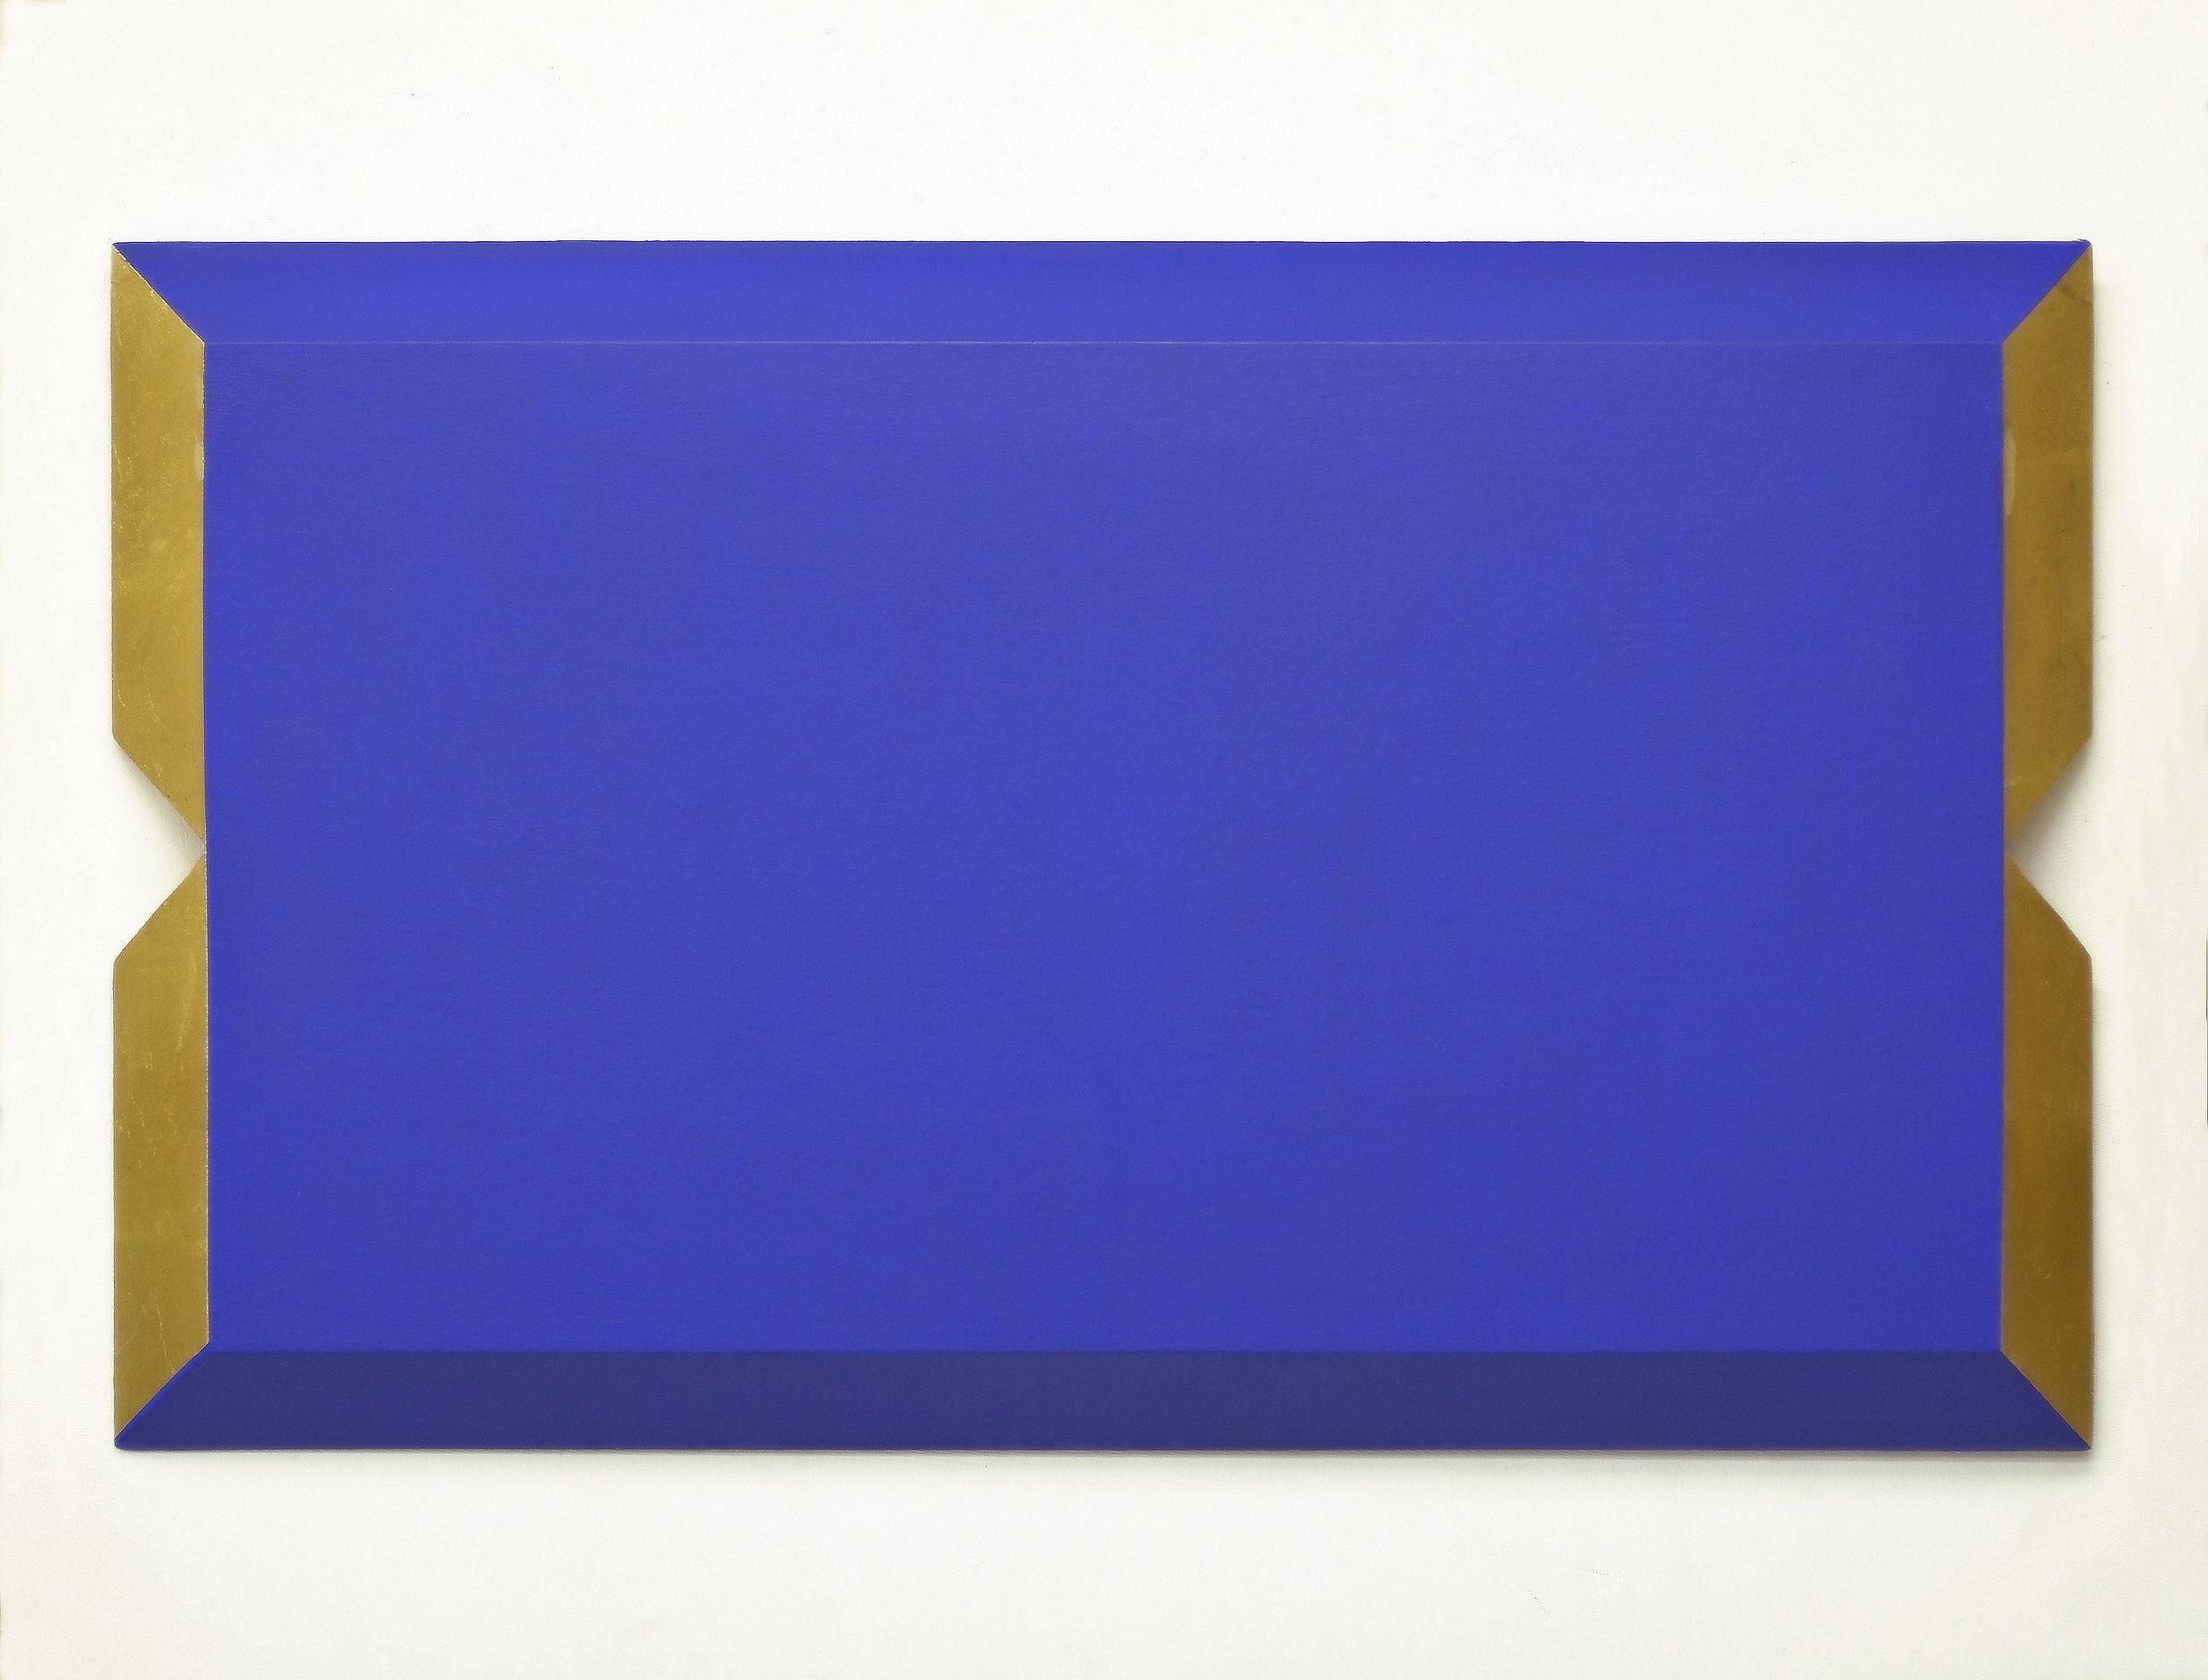 akril, medenina, les, 50 x 82 cm, 2001